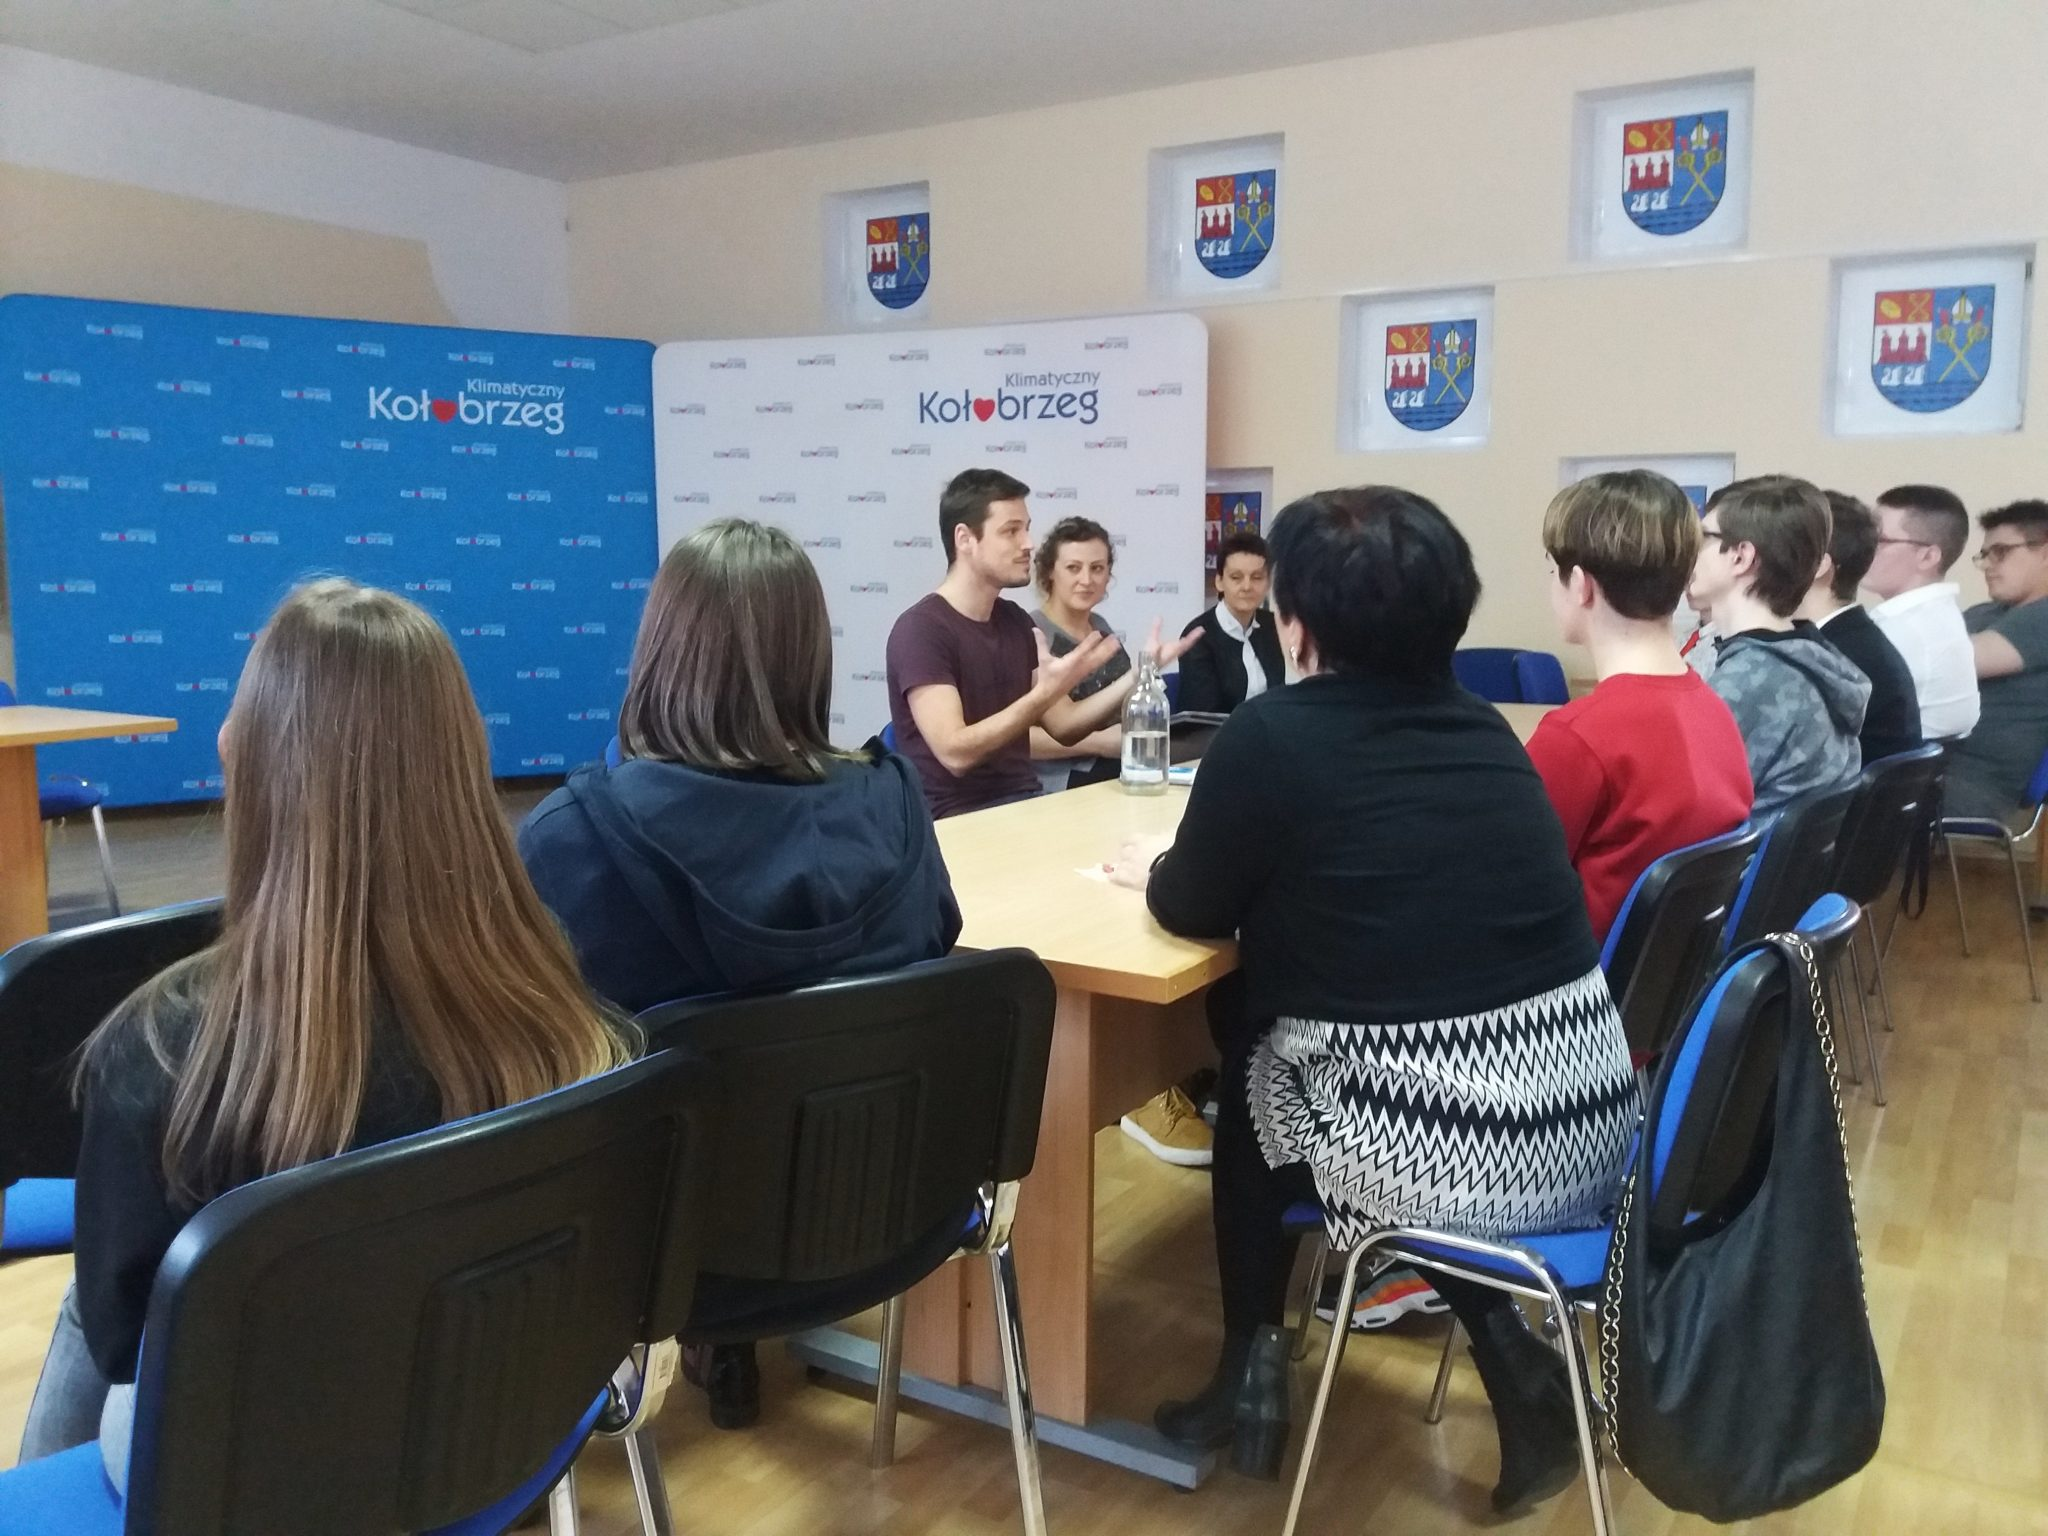 20200113 141525 000 - W szkołach przygotowania do wyborów. 24 stycznia uczniowie wybiorą swoich przedstawicieli do Młodzieżowej Rady Miasta